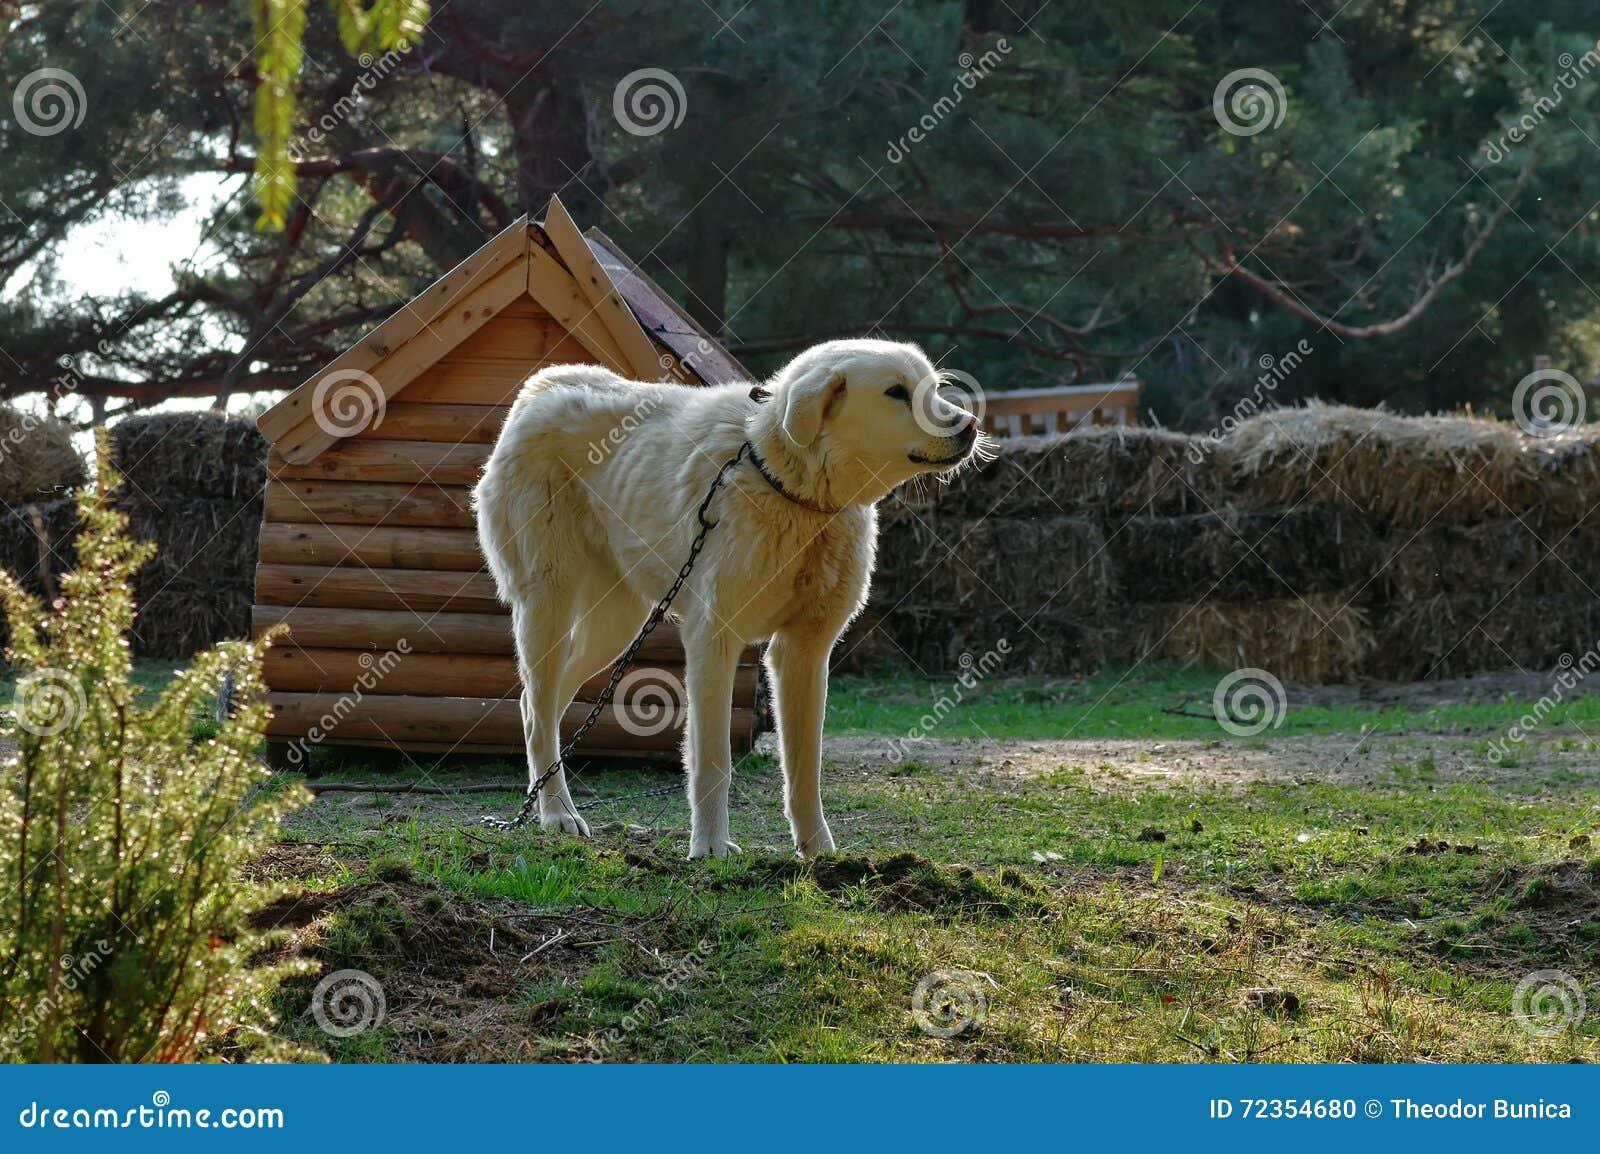 White dog. Guard dog